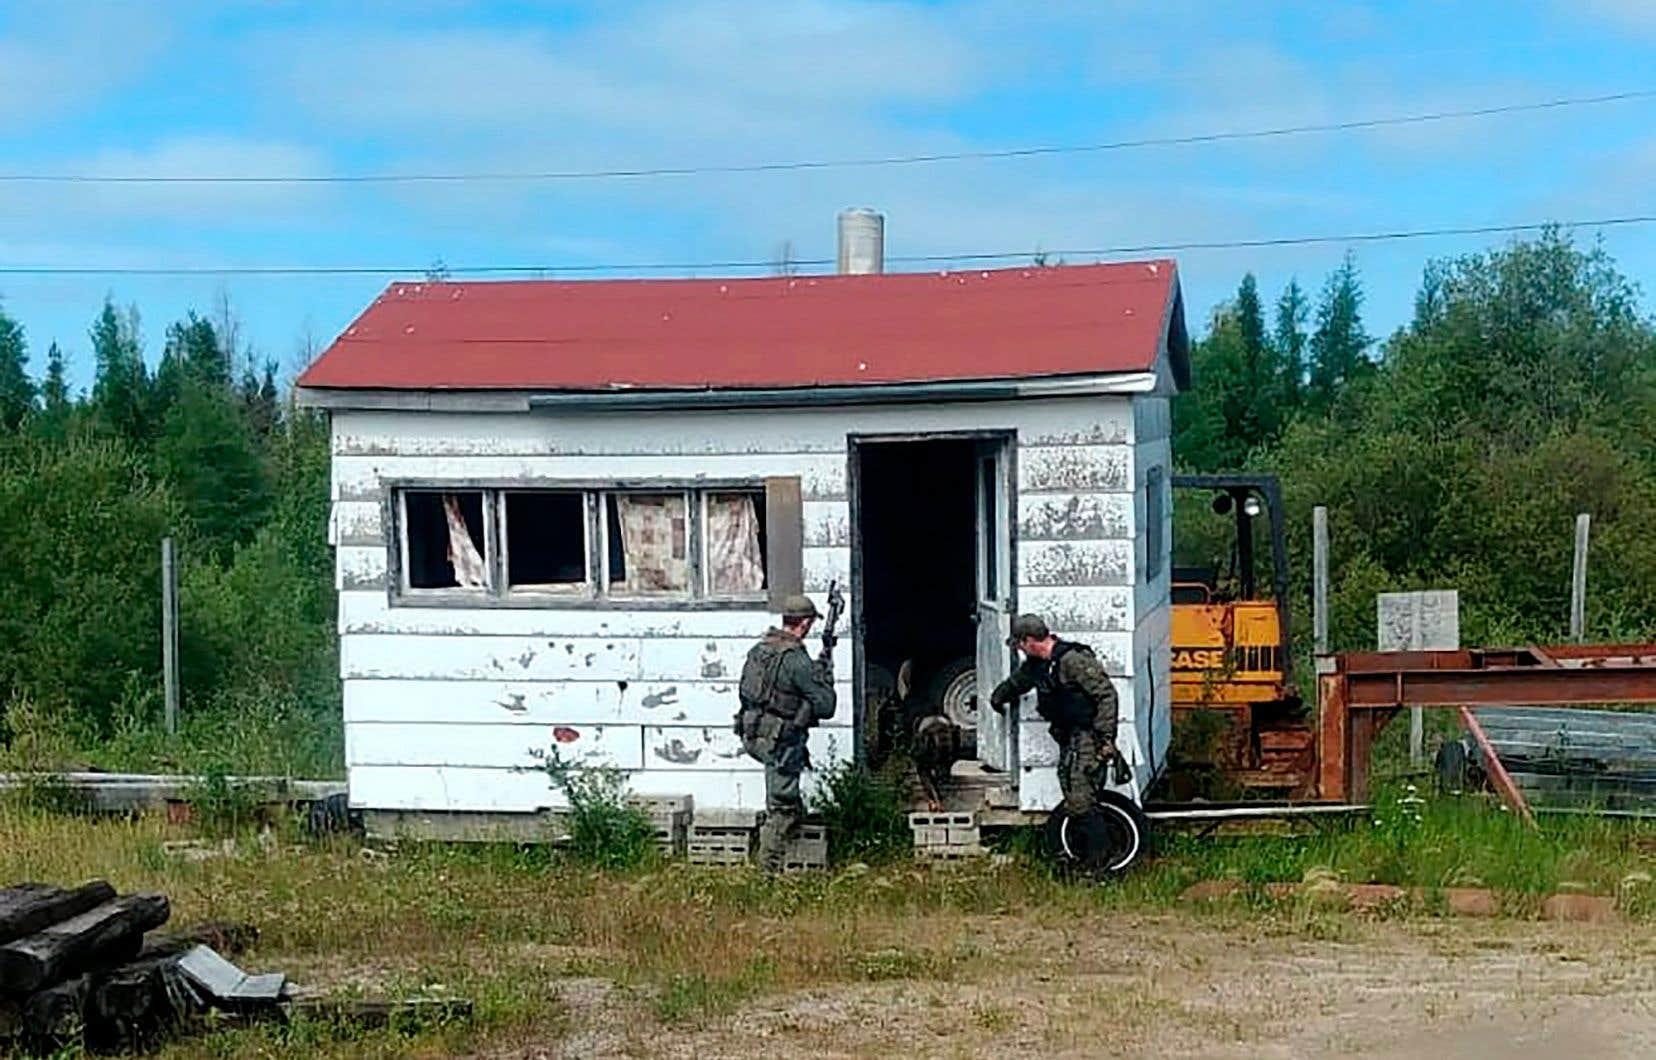 Les policiers de la GRC examinent toutes les maisons, abris et bâtiments dans le secteur où pourraient se cacher les deux fugitifs.